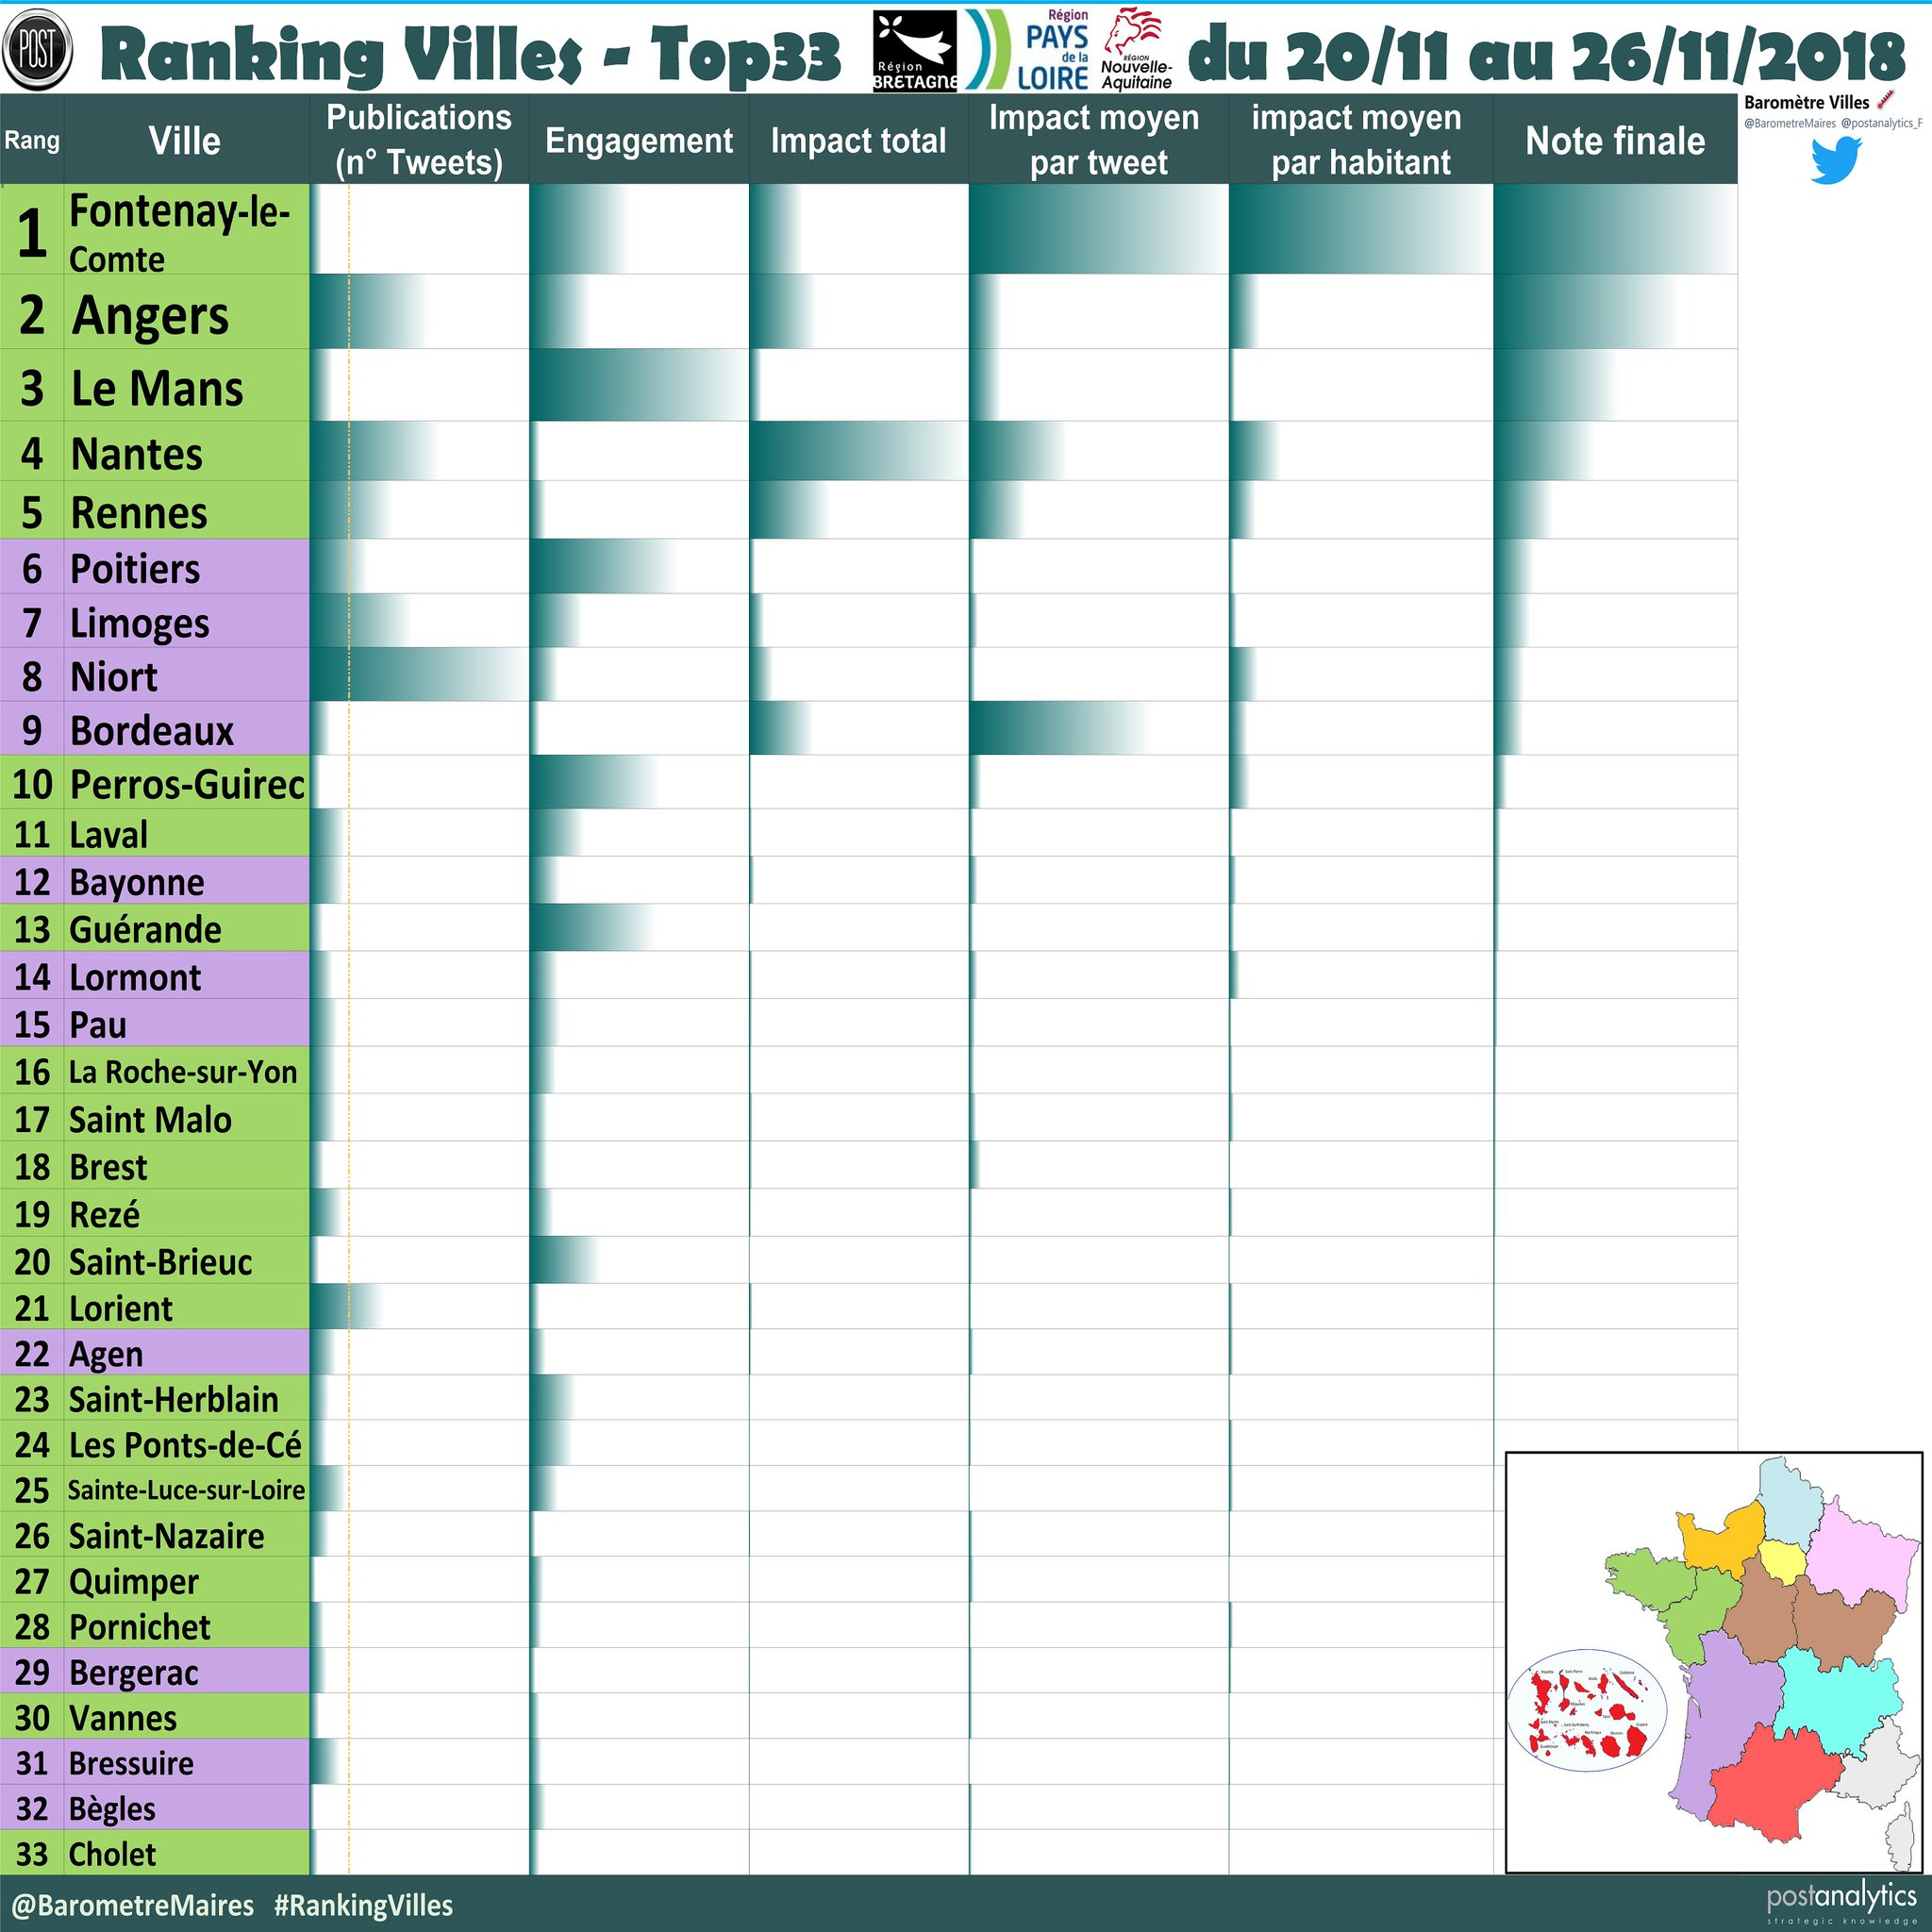 #Lormont est 15e des villes de l'Ouest et première de la métropole après #Bordeaux ! #RankingVilles #Gironde #GrandOuest #NouvelleAquitaine twitter.com/BarometreMaire…